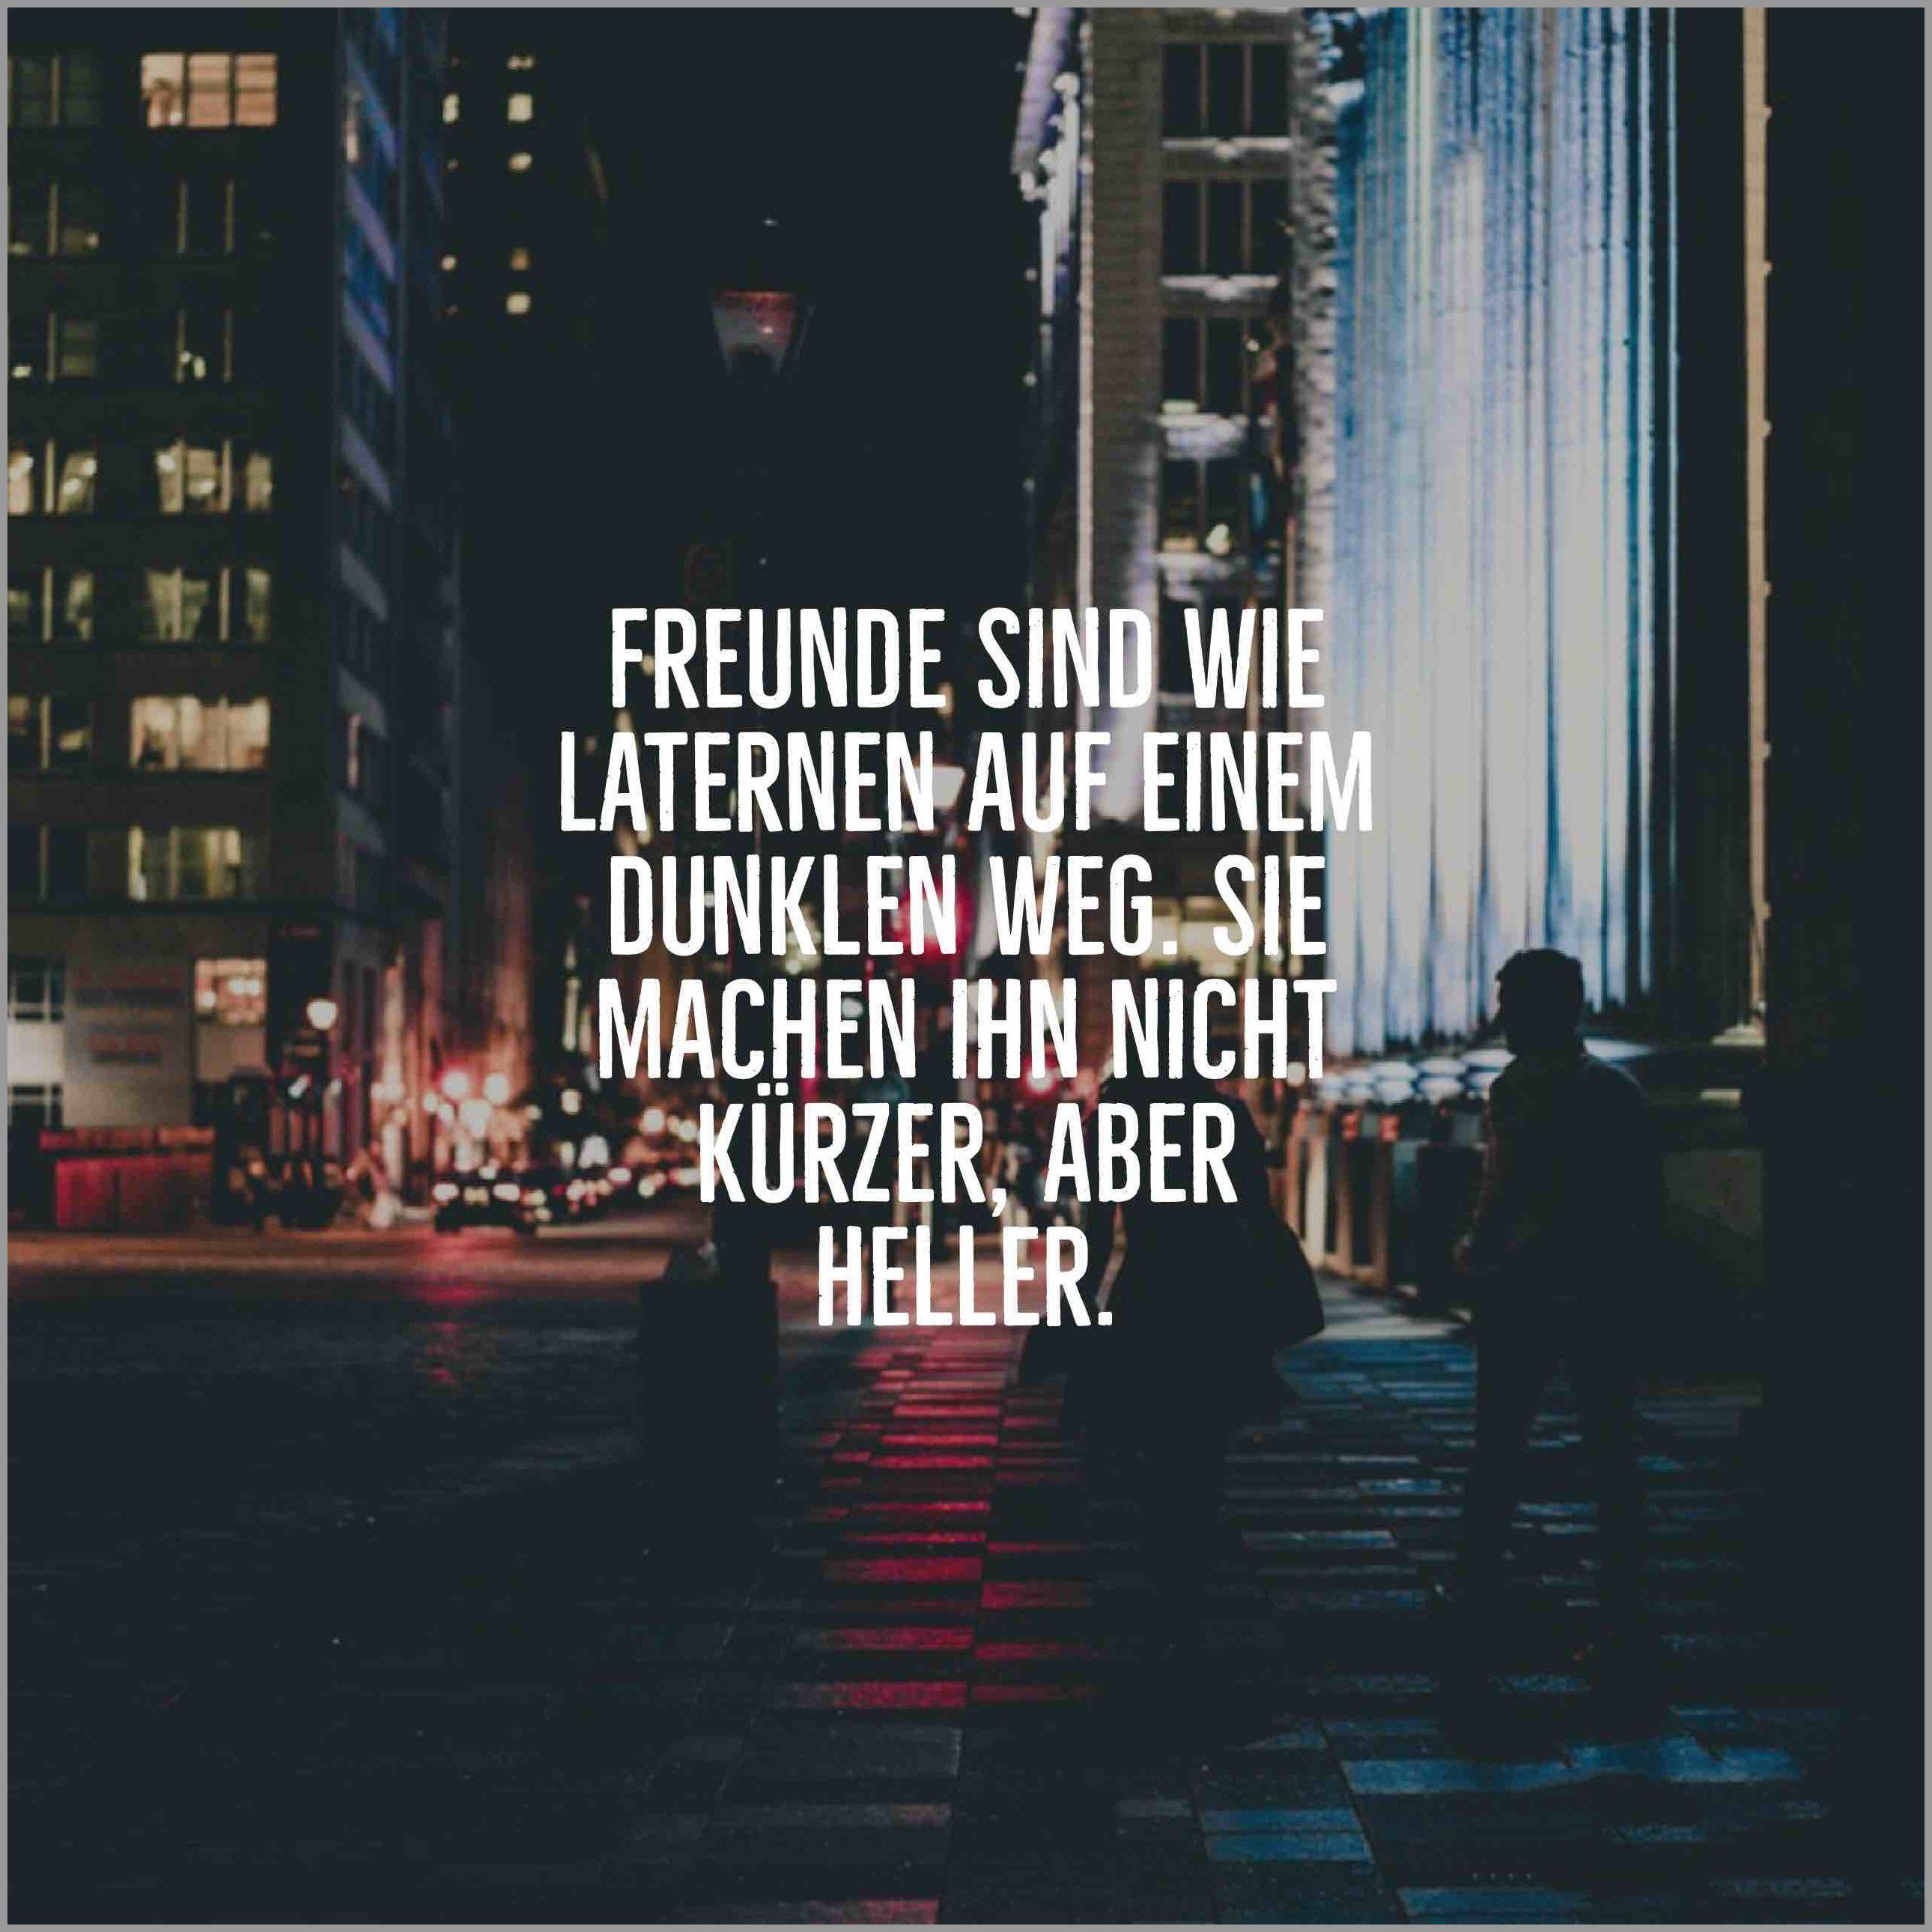 Freunde sind wie laternen auf einem dunklen weg sie machen ihn nicht kuerzer aber heller - Freunde sind wie laternen auf einem dunklen weg sie machen ihn nicht kuerzer aber heller